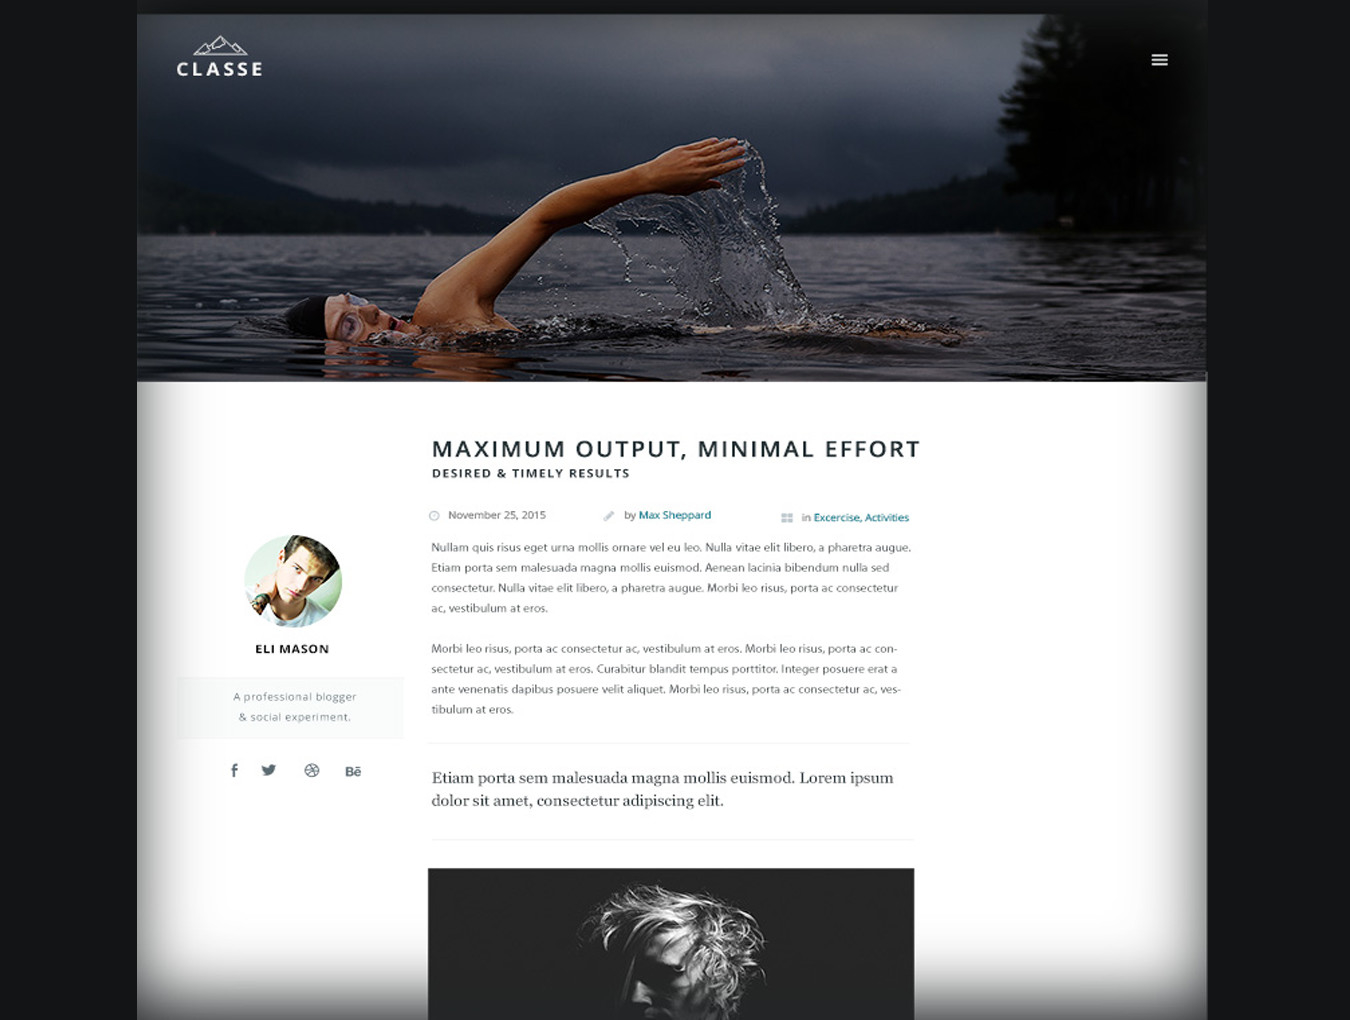 多功能商城博客WEB网站UI界面设计套件 Classe UI Kit插图(2)